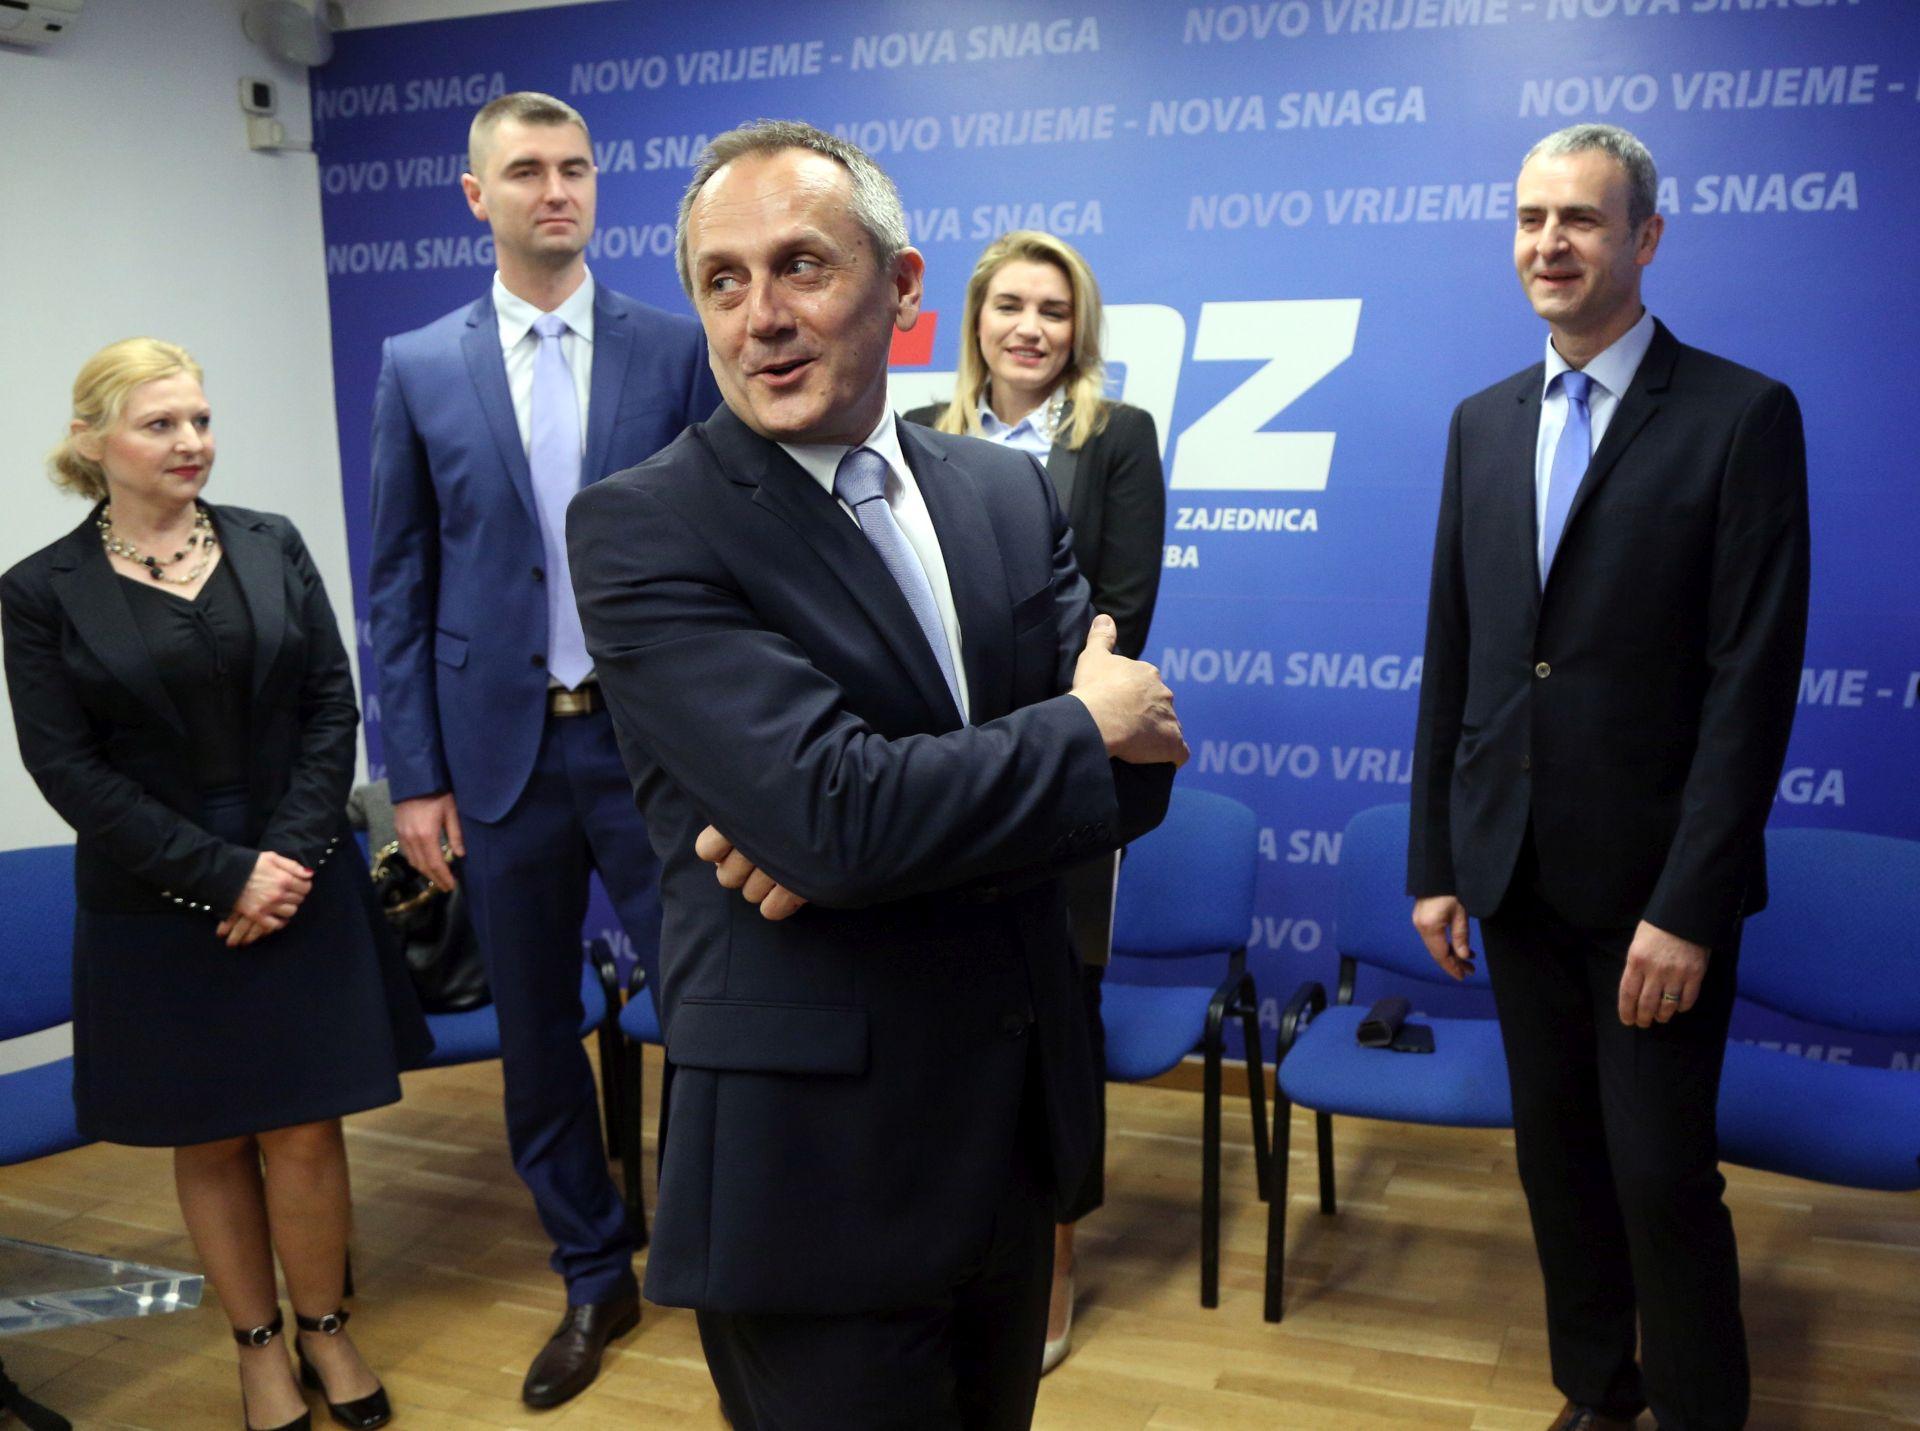 PRGOMET: 'Cijeli život brinem za ljude, a kao gradonačelnik brinut ću se za Zagreb'